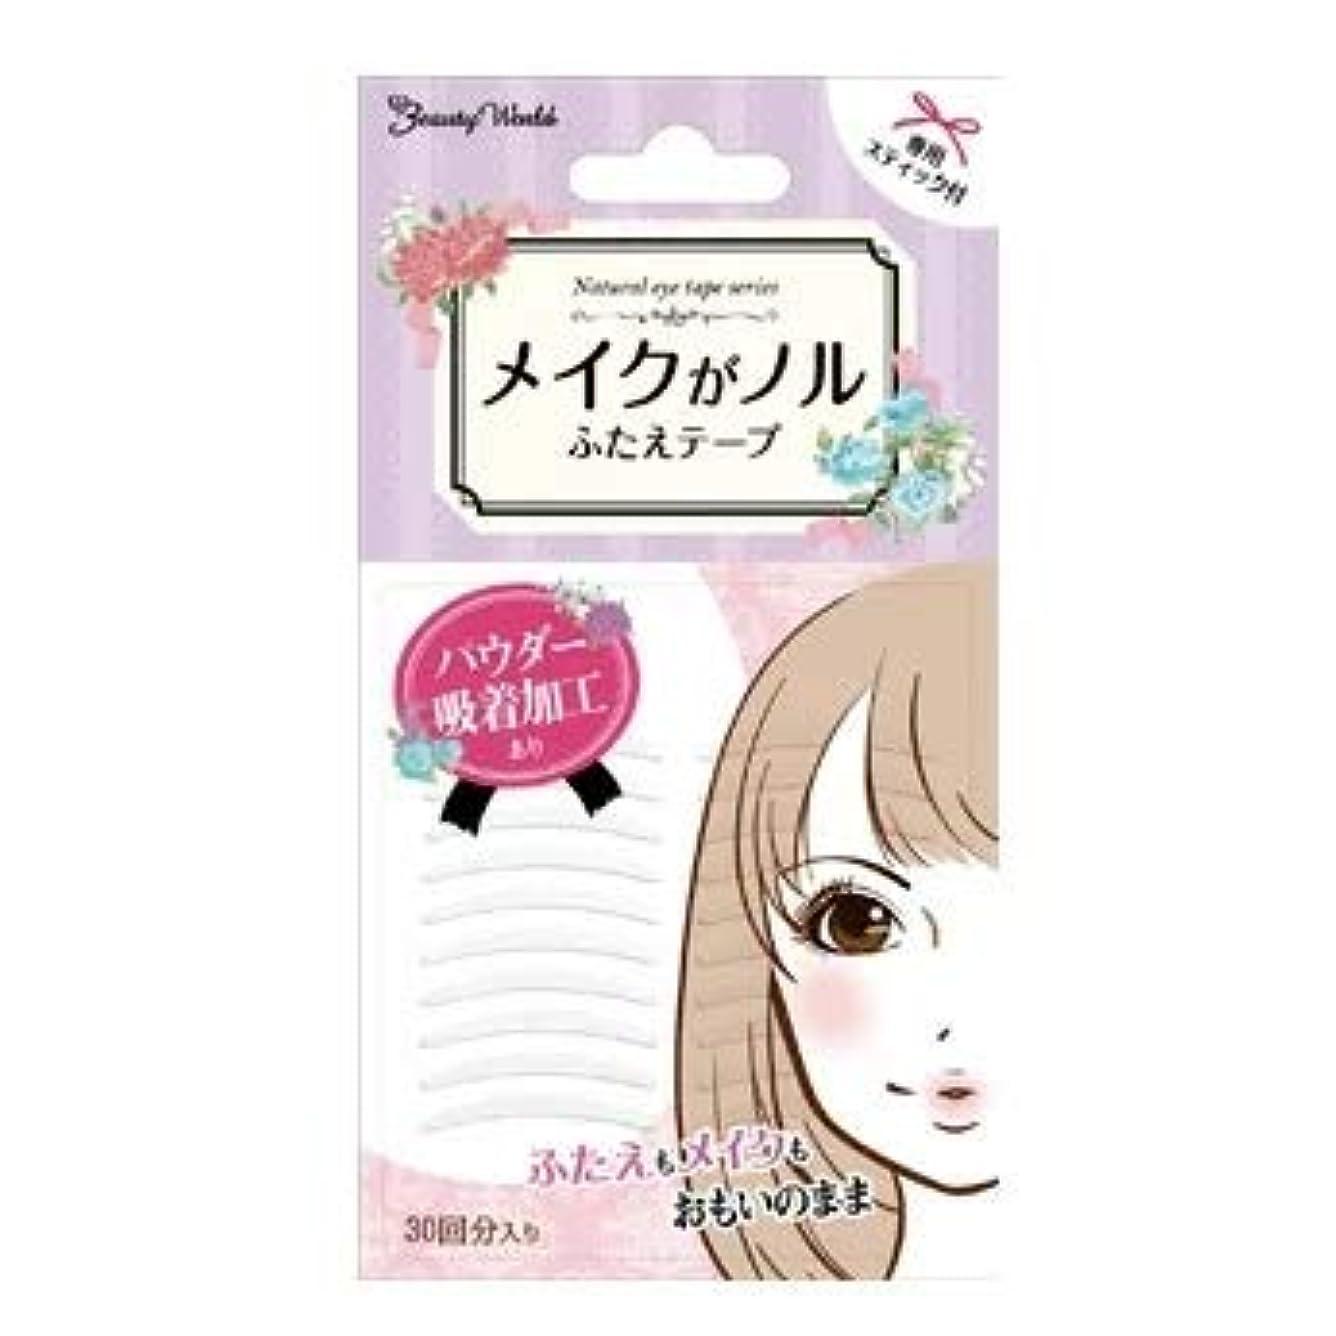 うんムスタチオ契約ふたえ用テープ(透明) ENT241 30回分 スティック付き 日本製 メイク 化粧 アイメイク 目 ぱっちり 二重 ふたえ 変身 クリア 自然 素肌 フィット 初心者 簡単 かわいい 女子 女の子